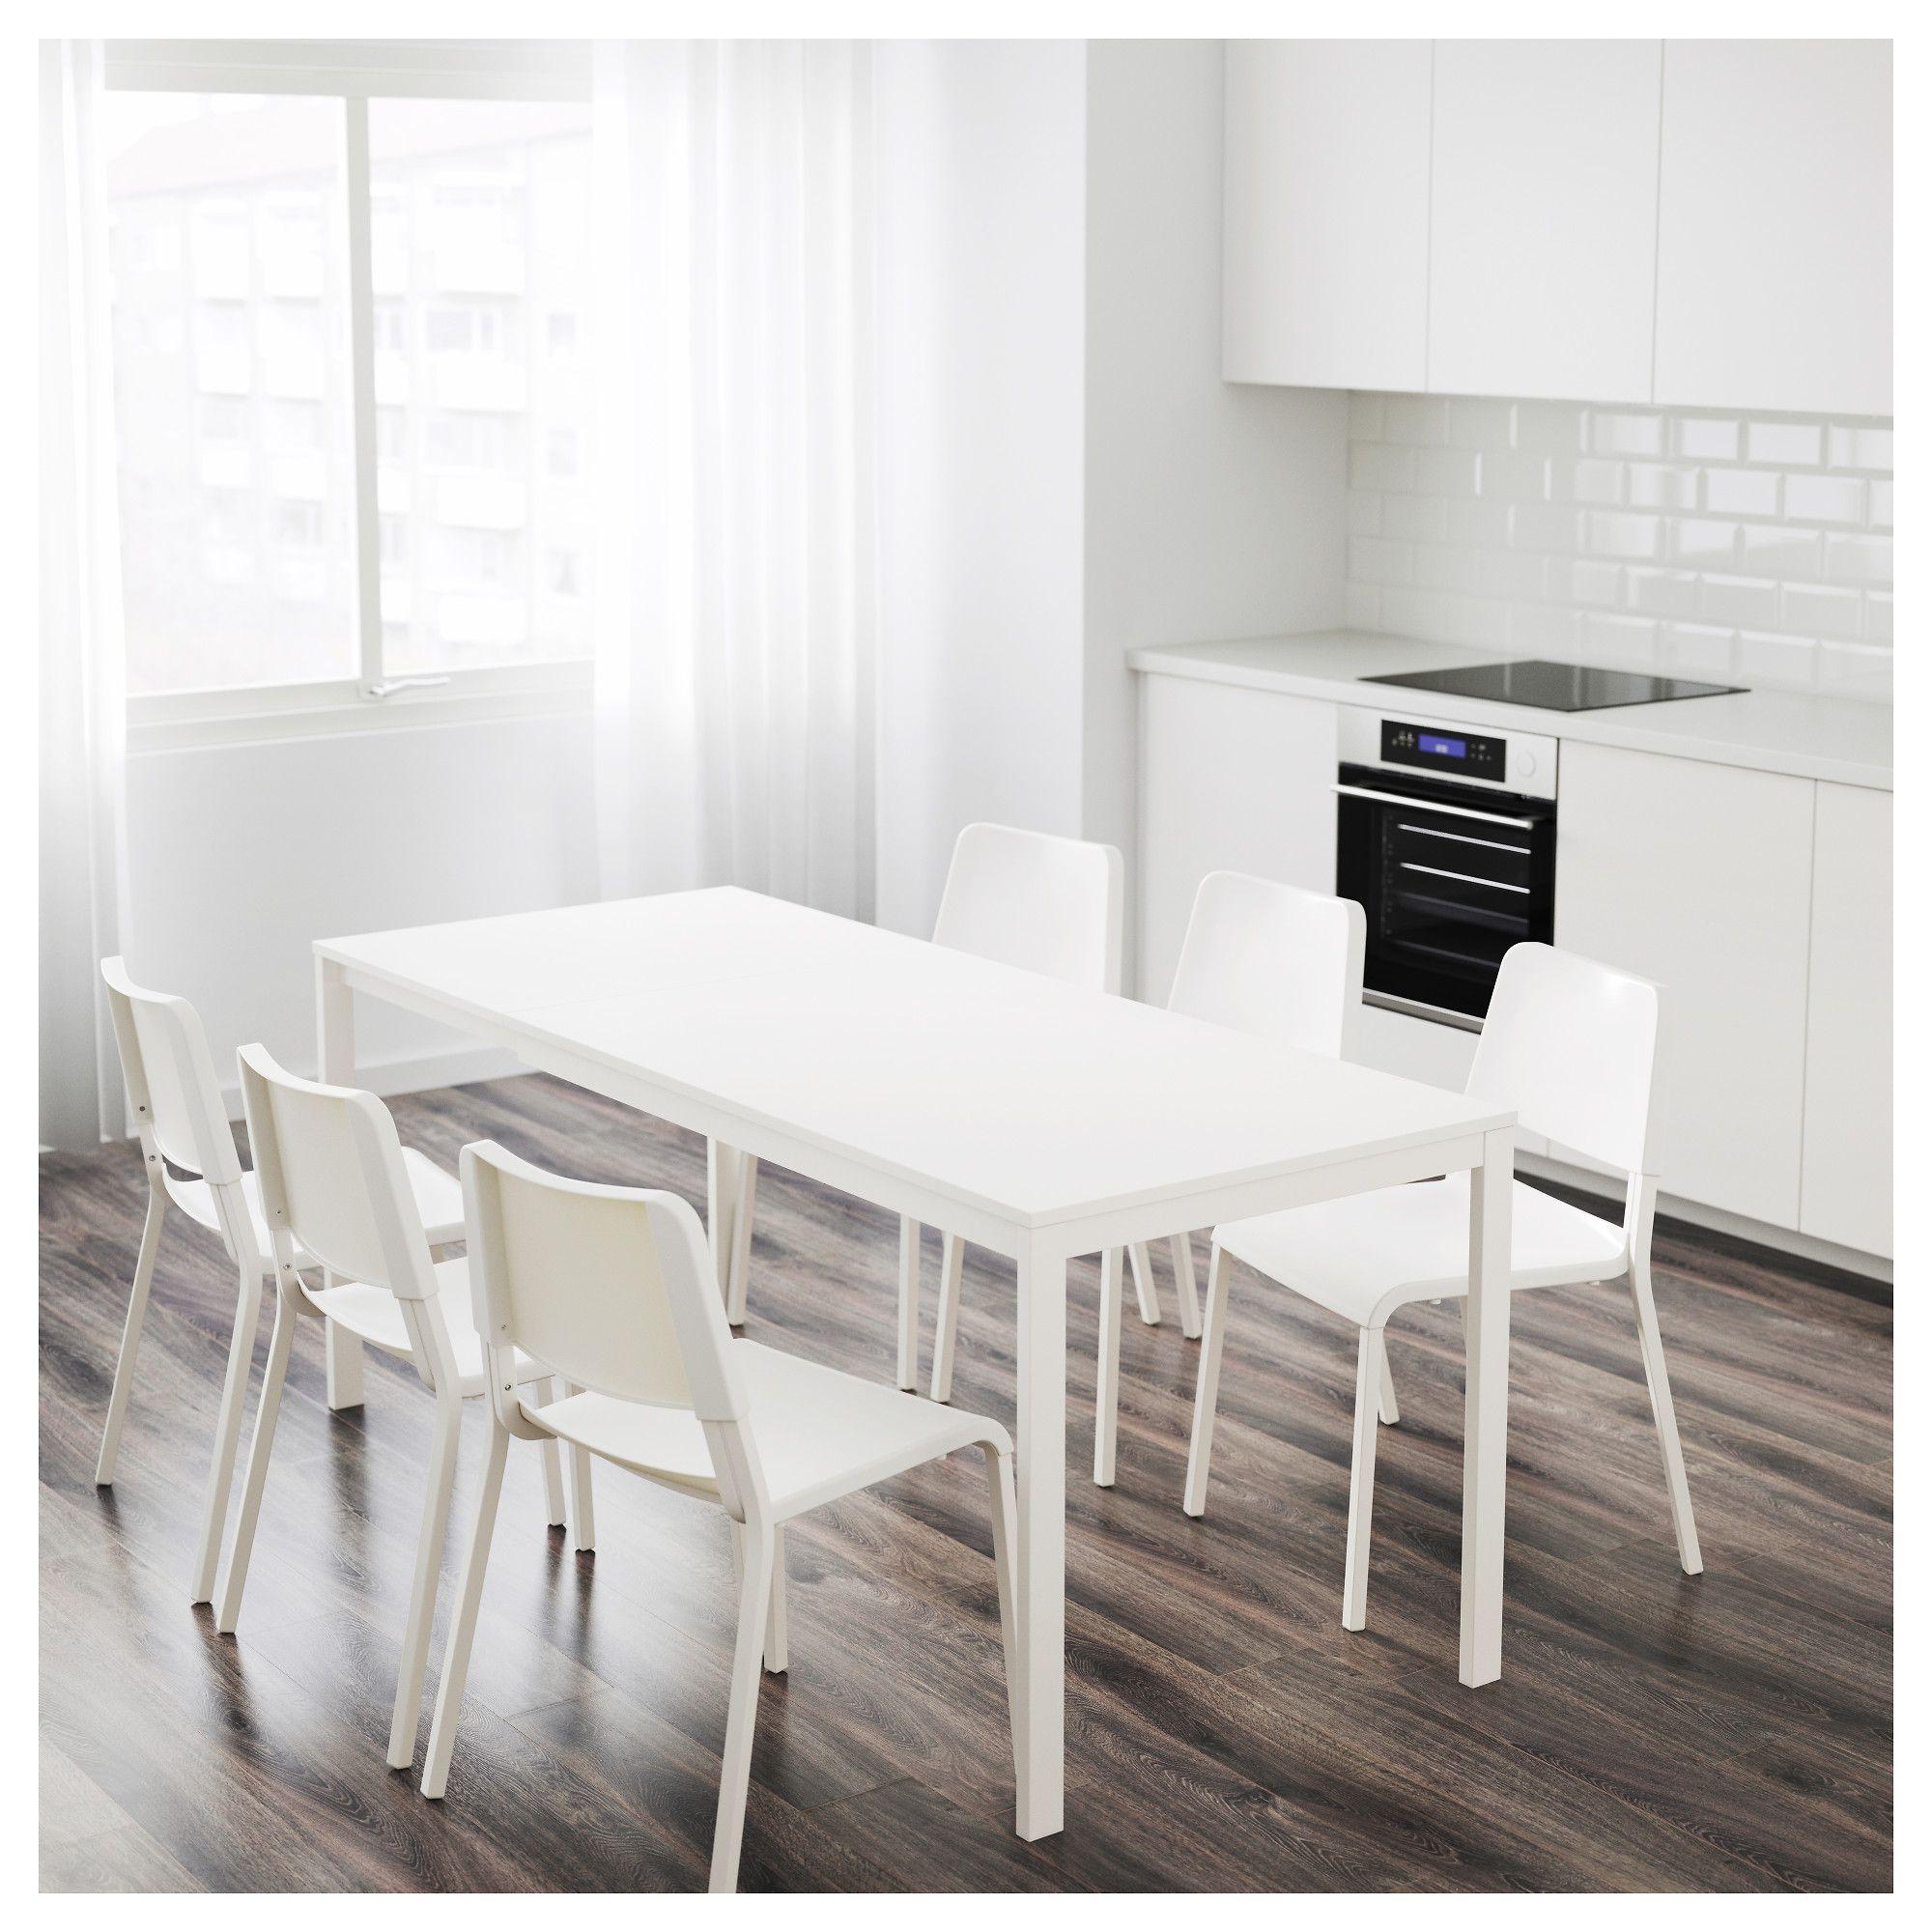 Ikea Vangsta Extendable Table White